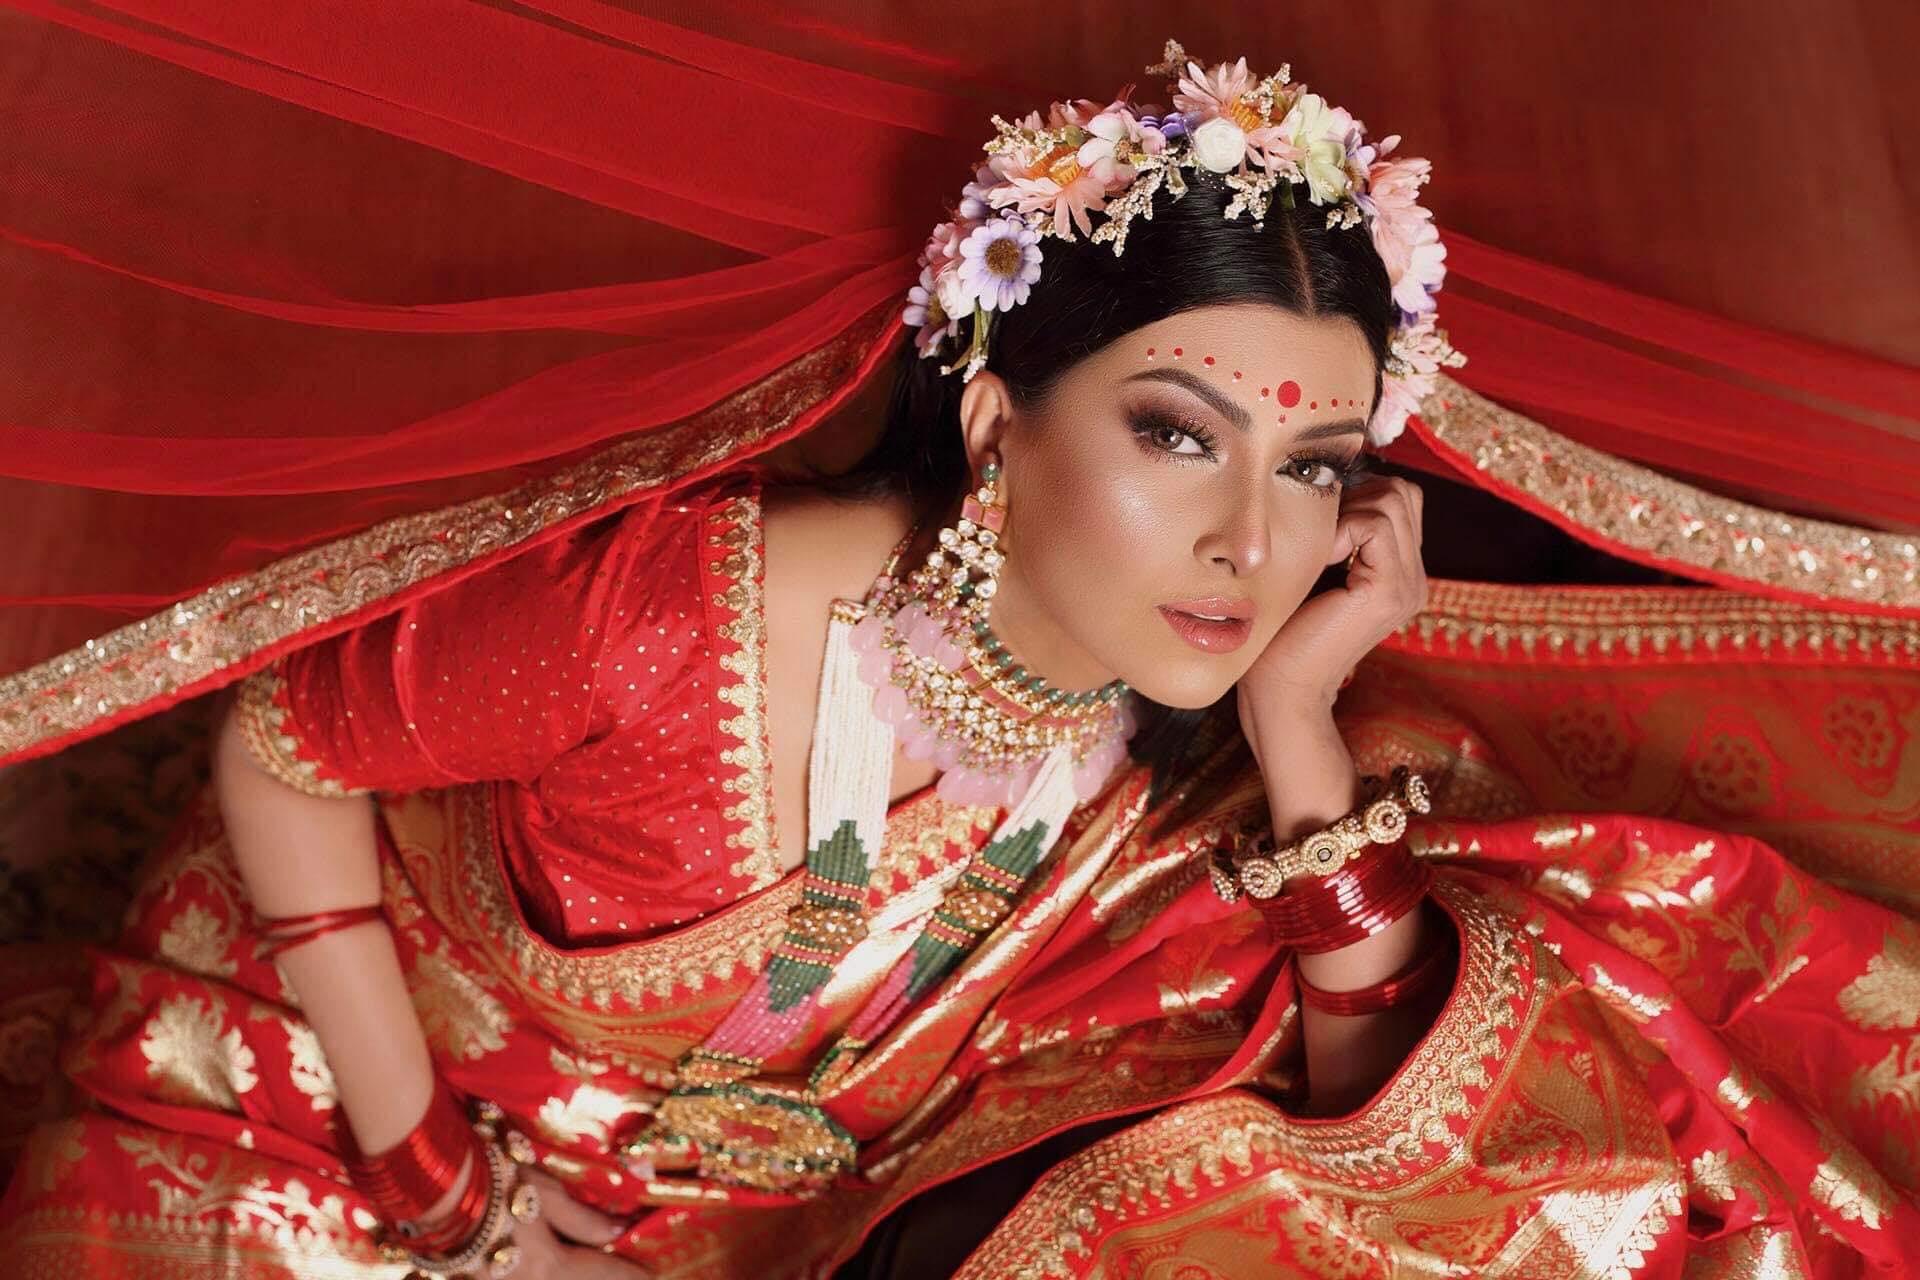 বাংলাদেশী অভিনেত্রী আয়েশা সালমা মুক্তির কিছু ছবি 15